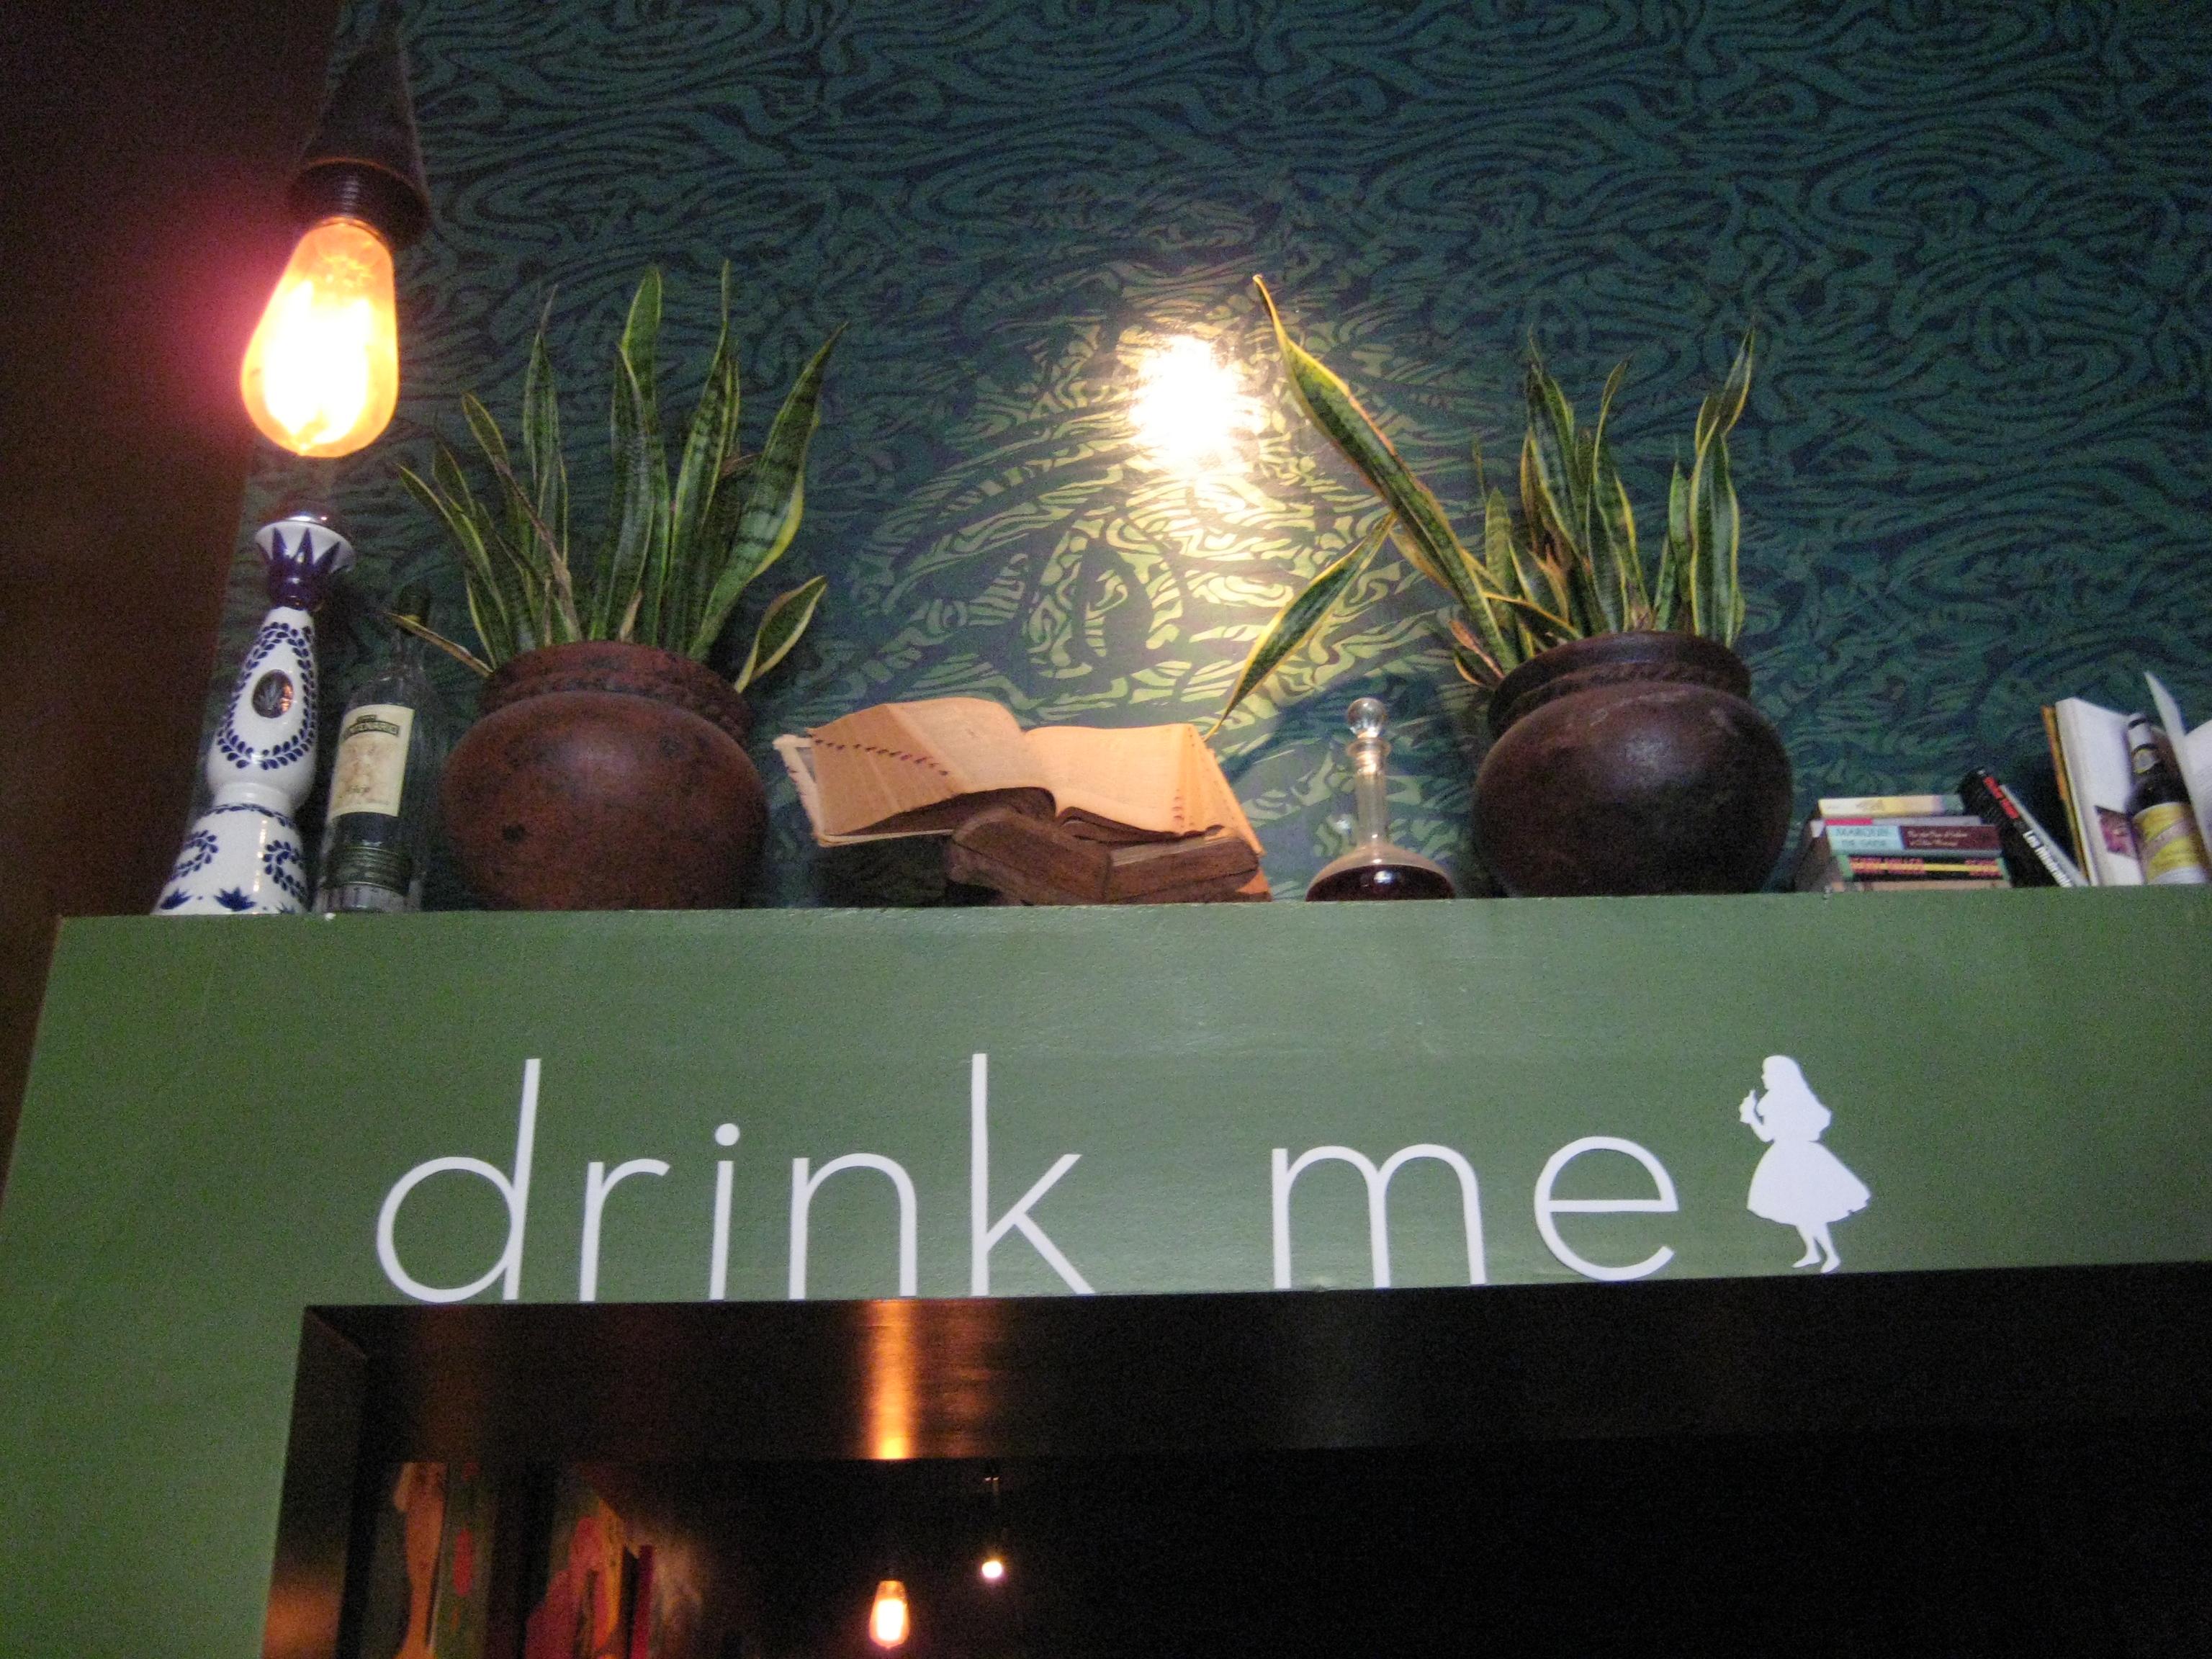 Drink me.